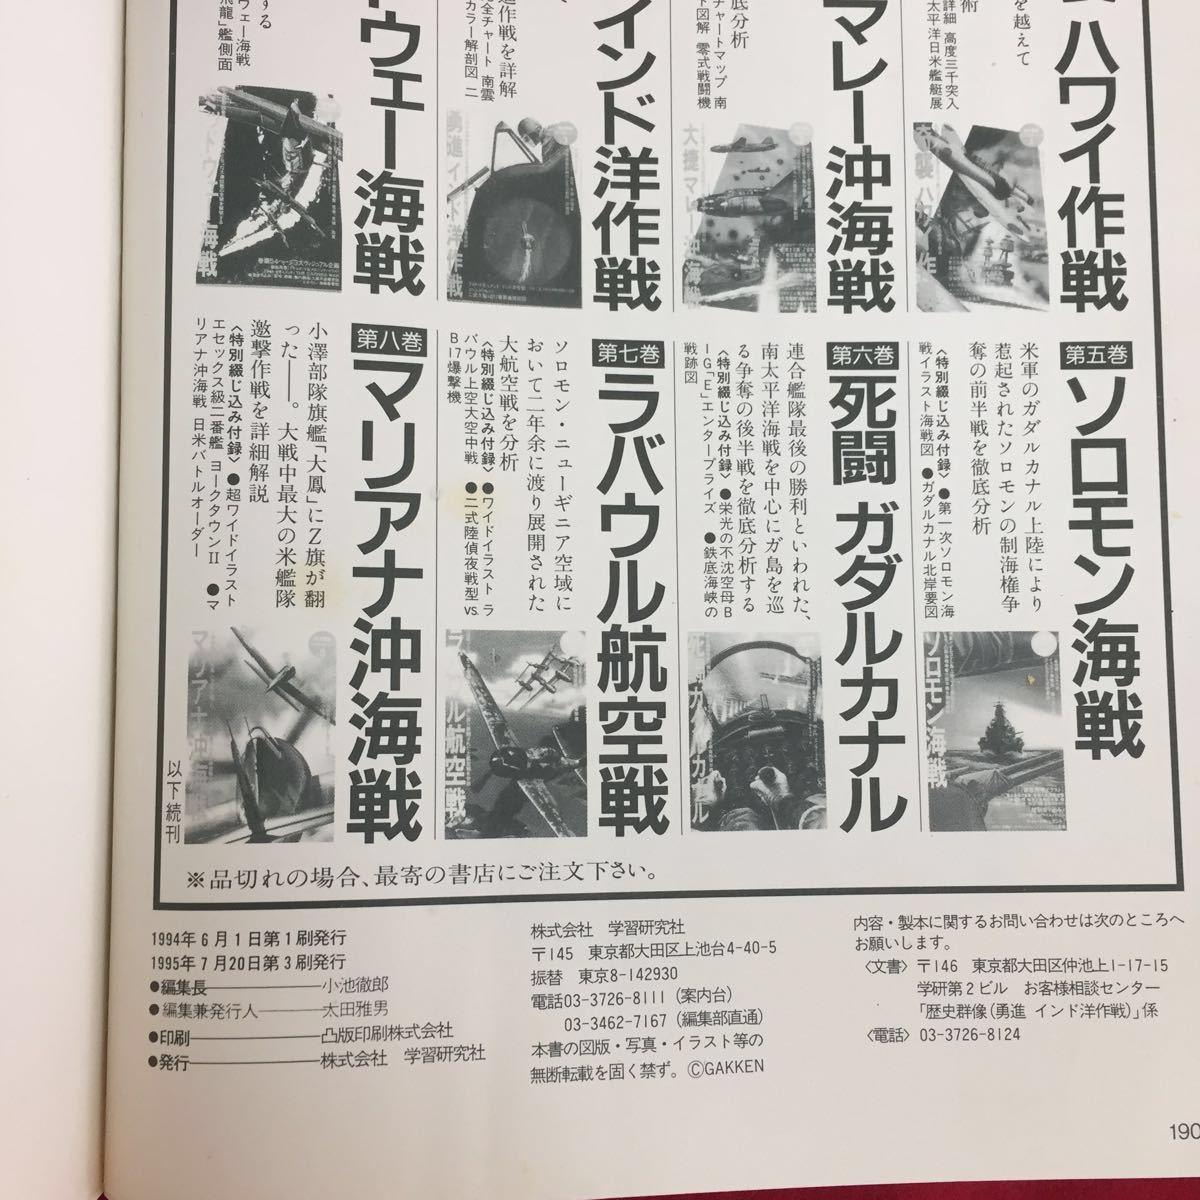 d1-0224-005 歴史群像 太平洋戦史シリーズVol.3 勇進インド洋作戦 1995年7月20日第3刷発行 シミあり※商品説明もご確認下さい※9_シミあり